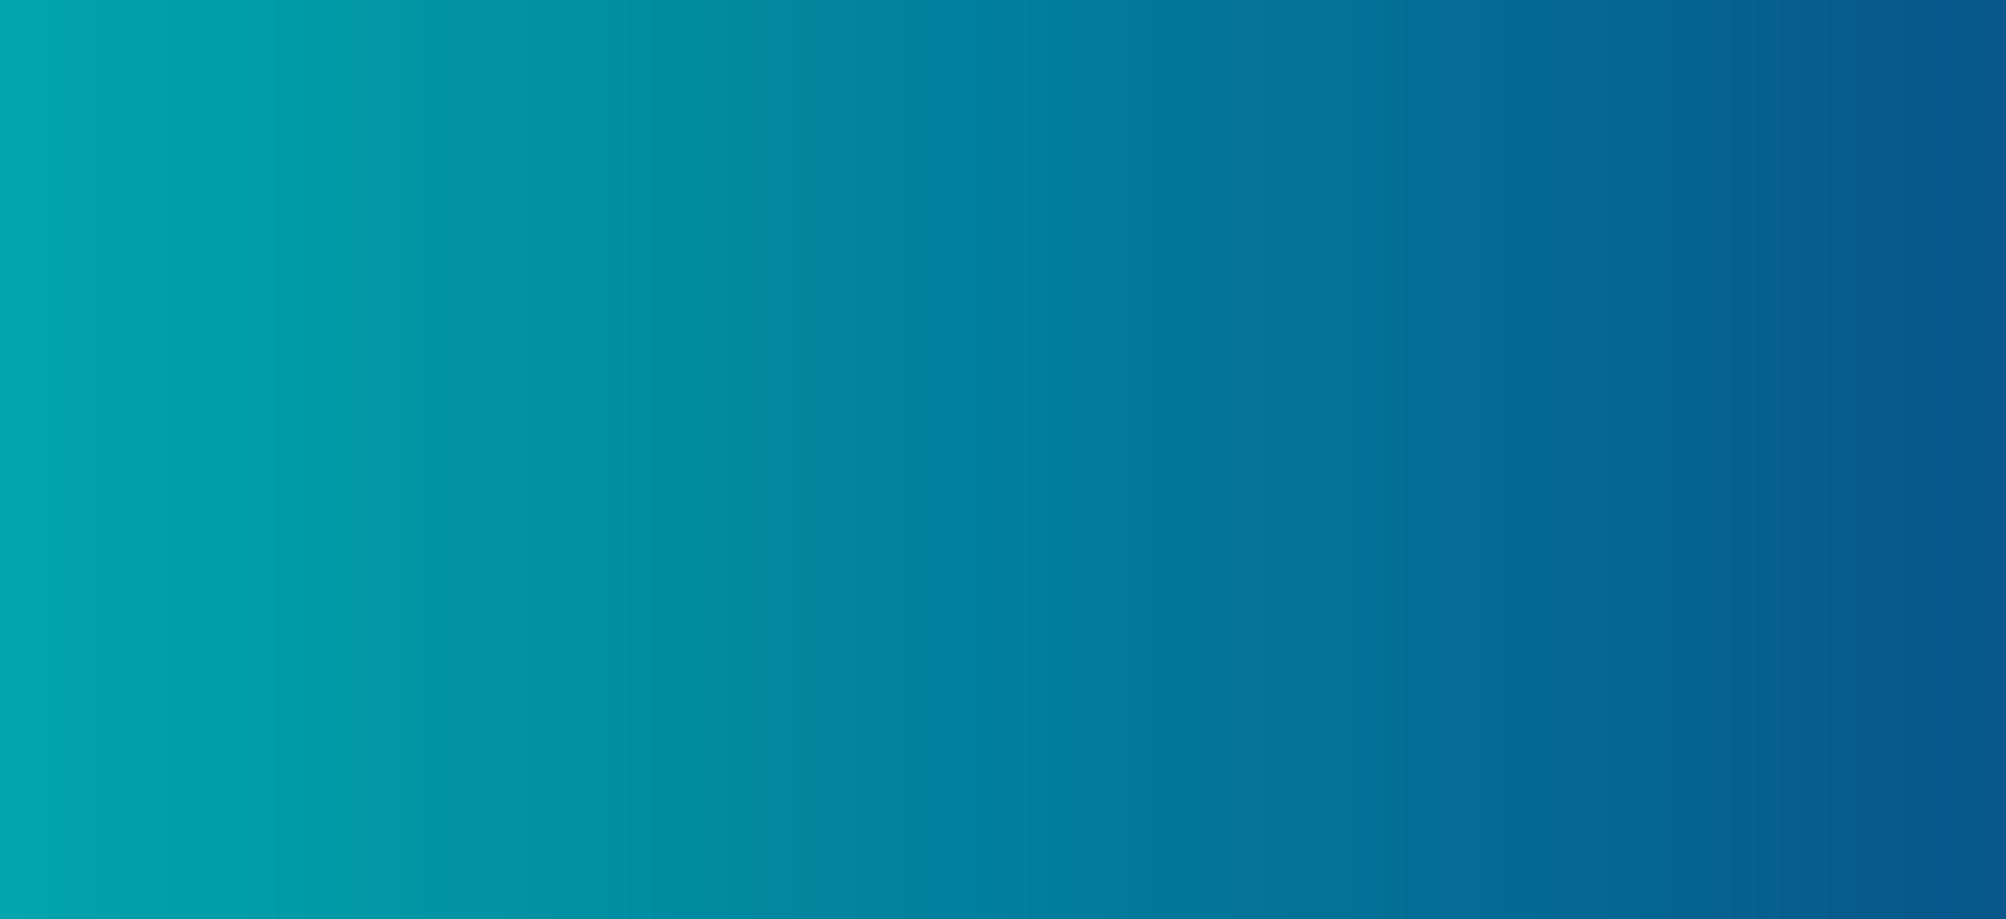 blue-gradient-bg